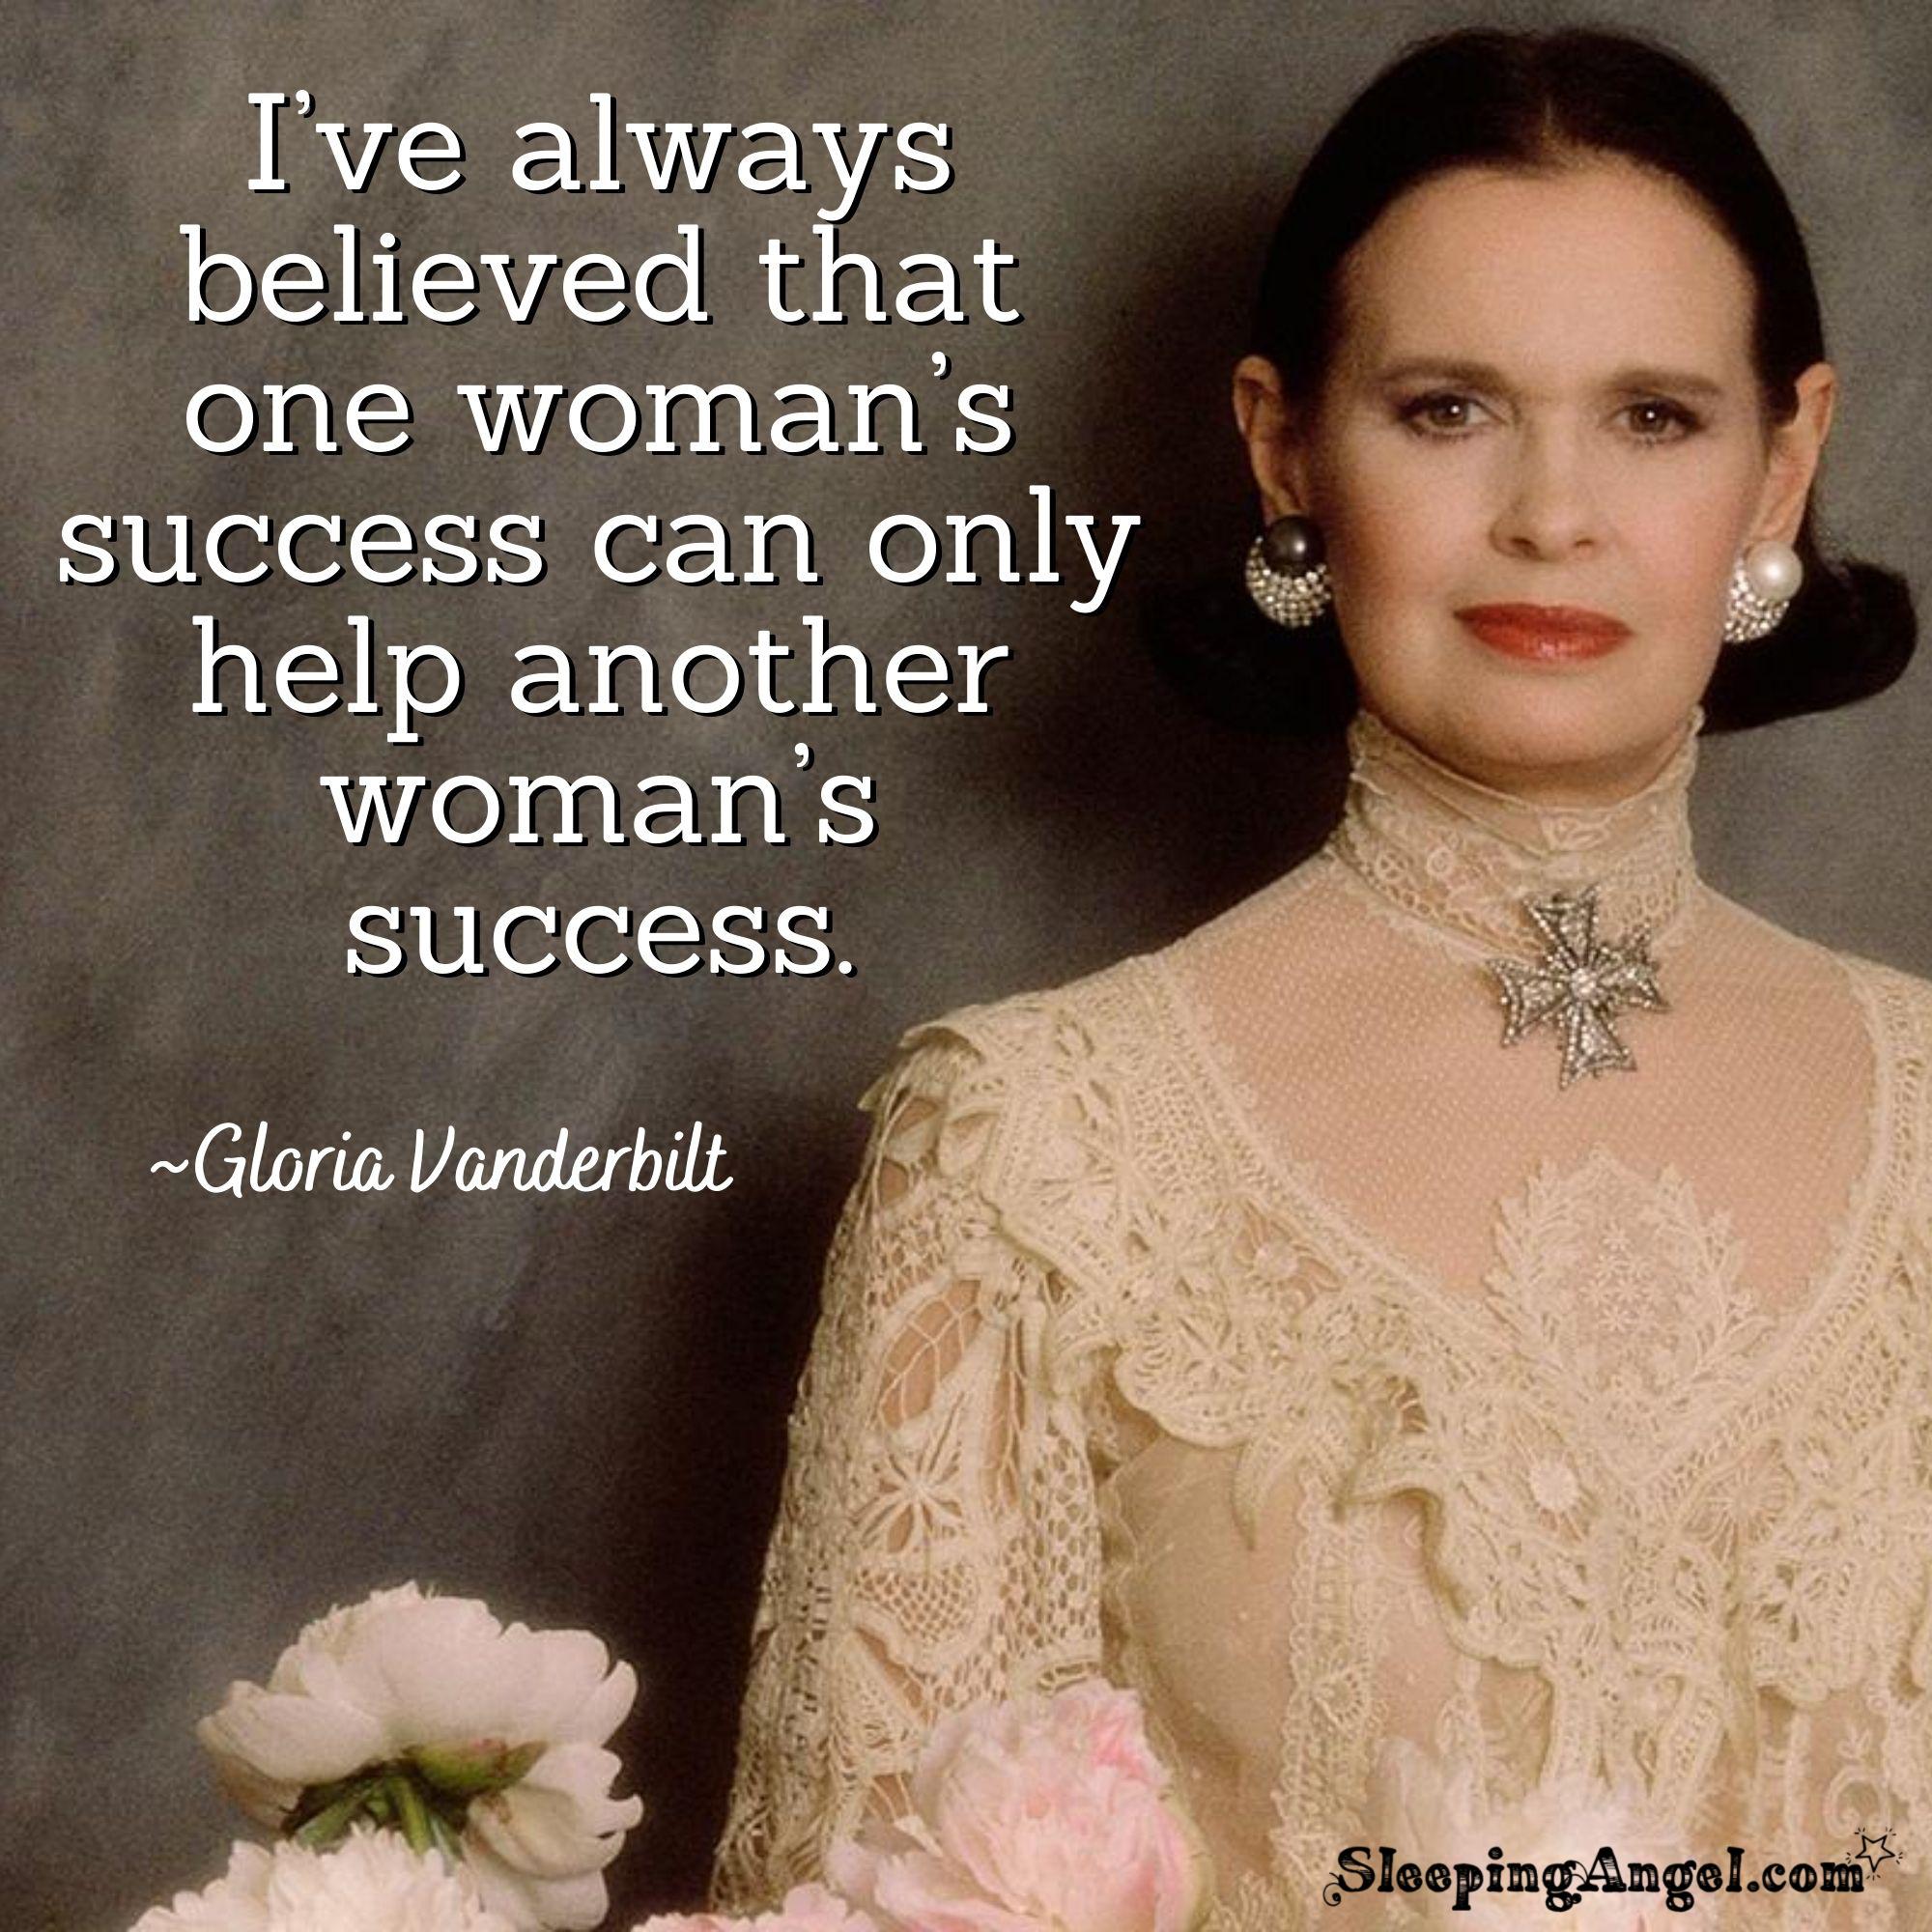 Gloria Vanderbilt Quote